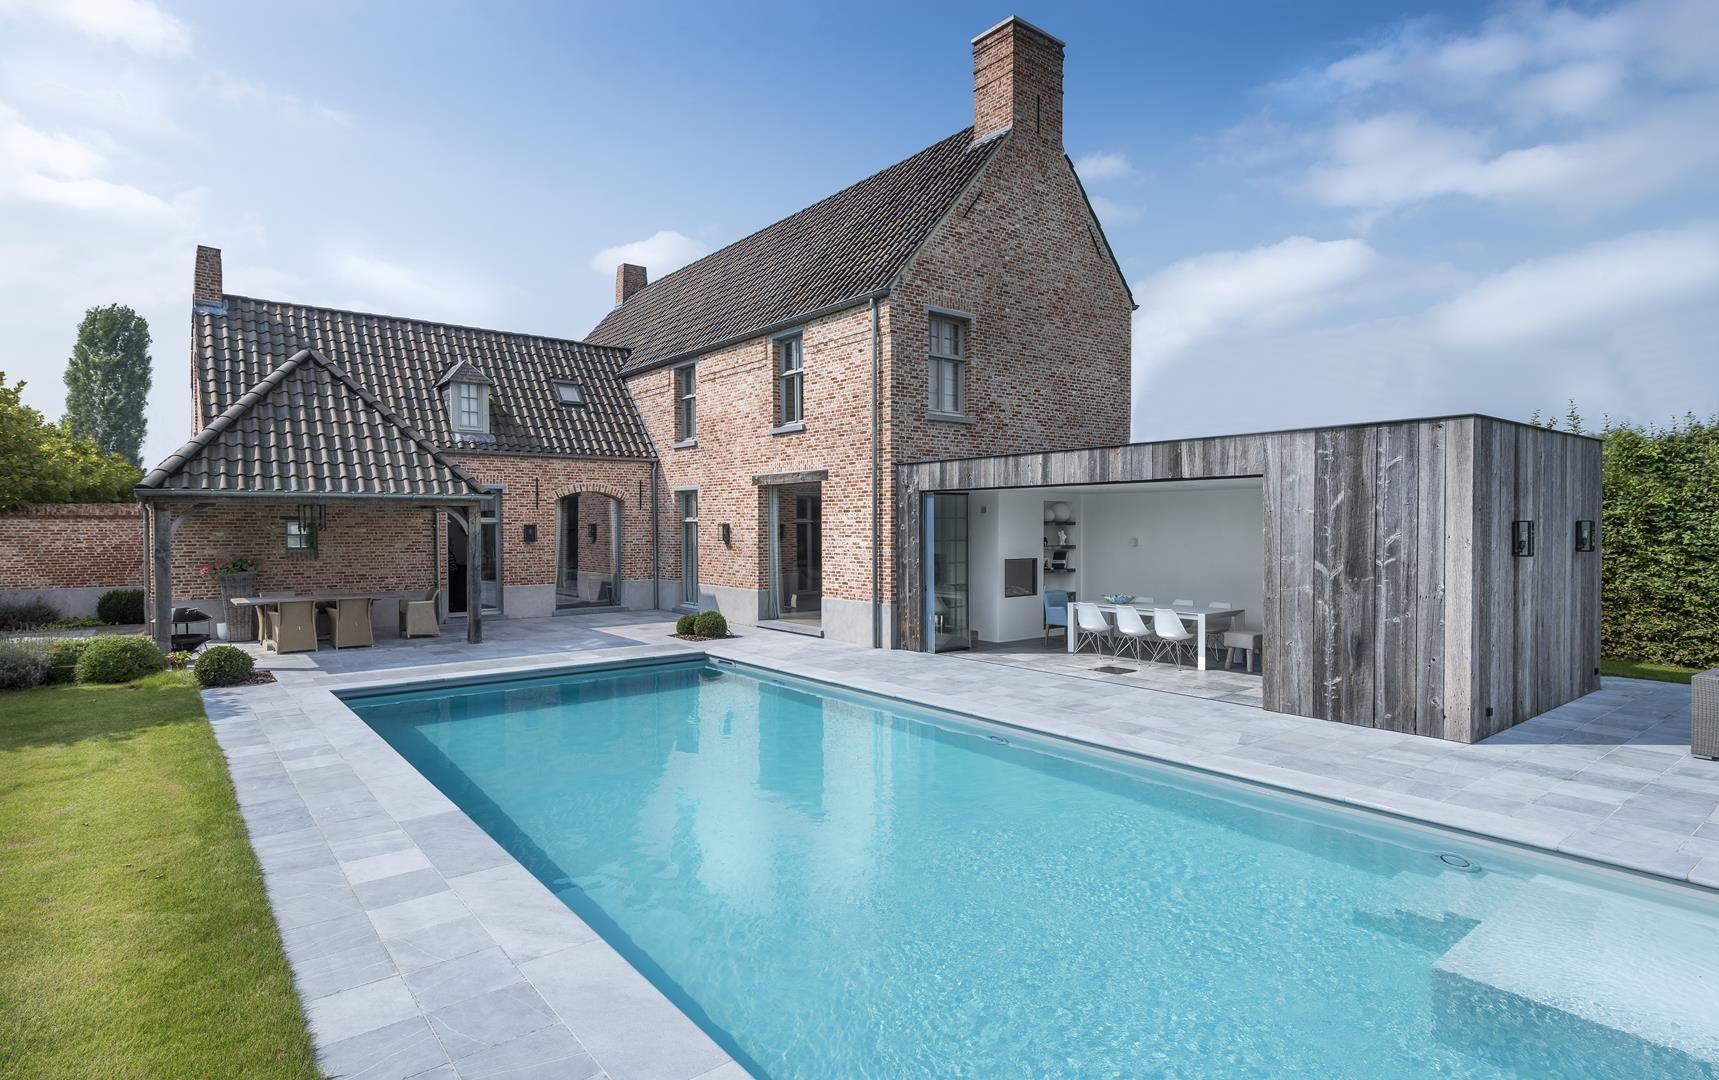 Zwembad in de tuin met poolhouse belgische blauwsteen terras wonen pinterest exterior - Terras teak zwembad ...